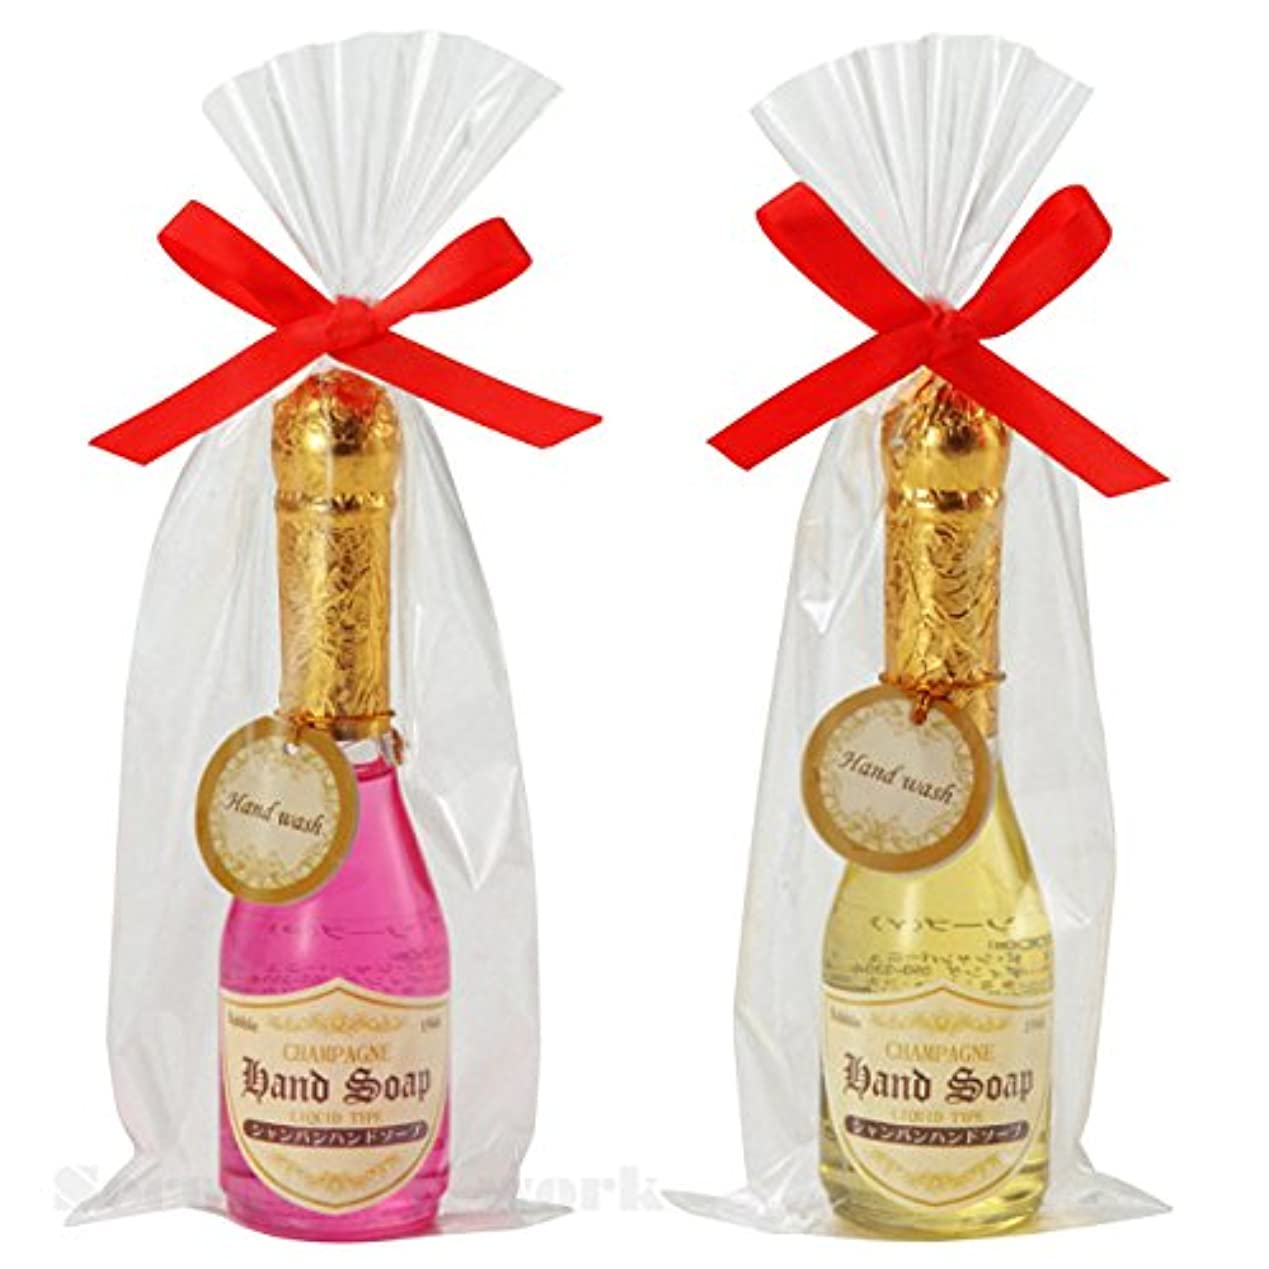 はず事業内容千【96本セット販売(2色取混ぜ)】シャンパンハンドソープ イエロー?ピンク2色取混ぜ